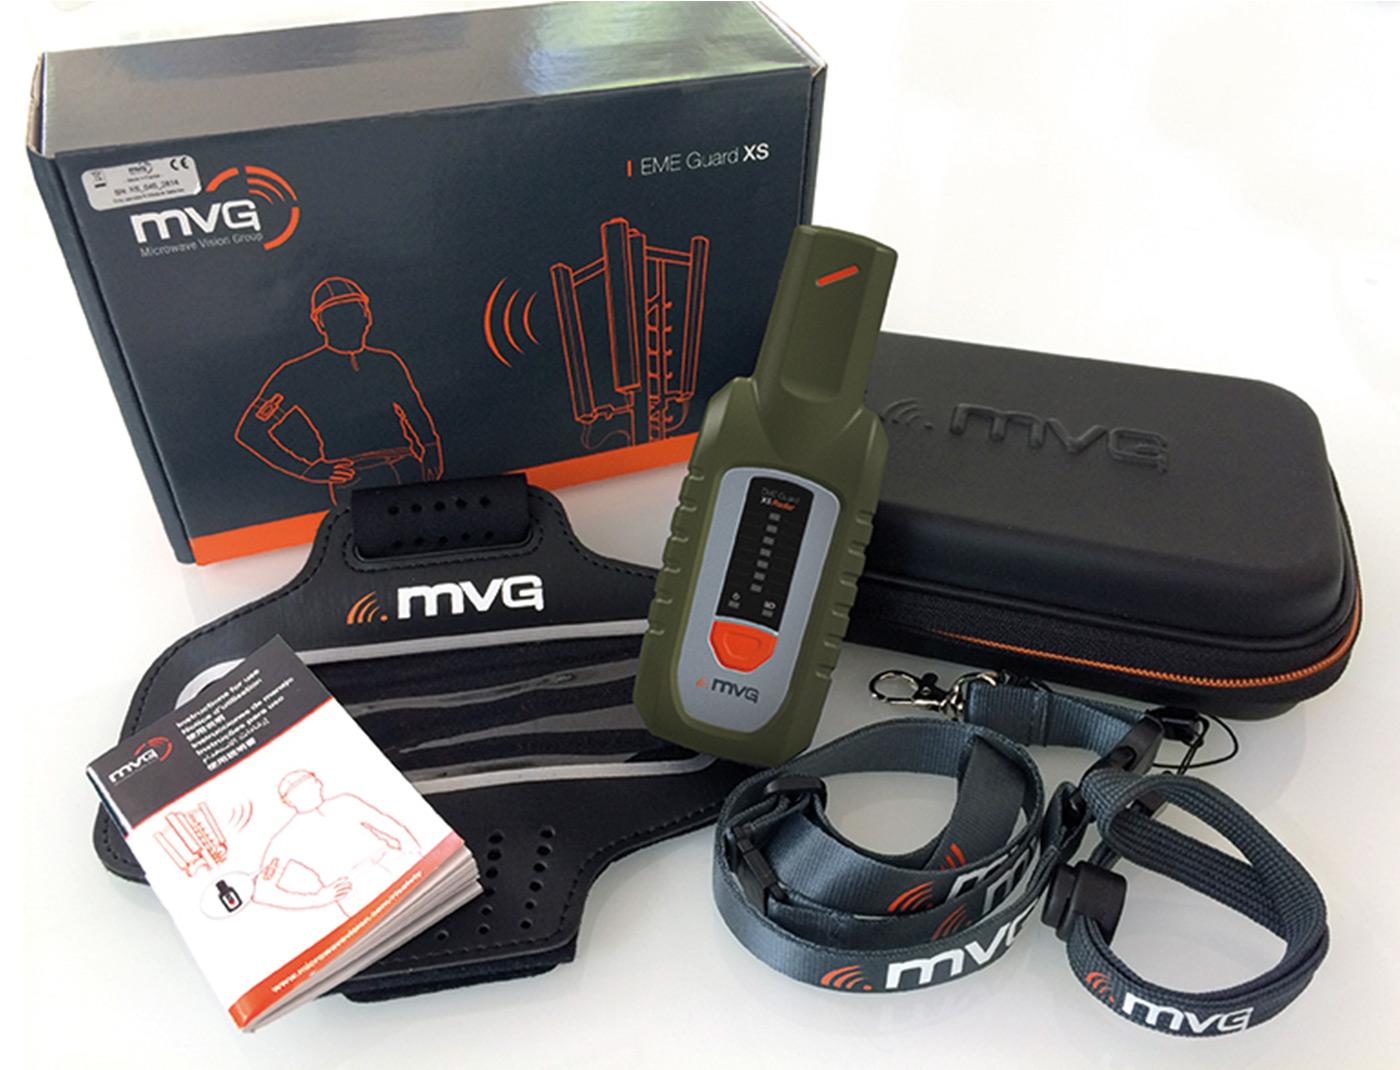 MVG EME Guard XS Radar case